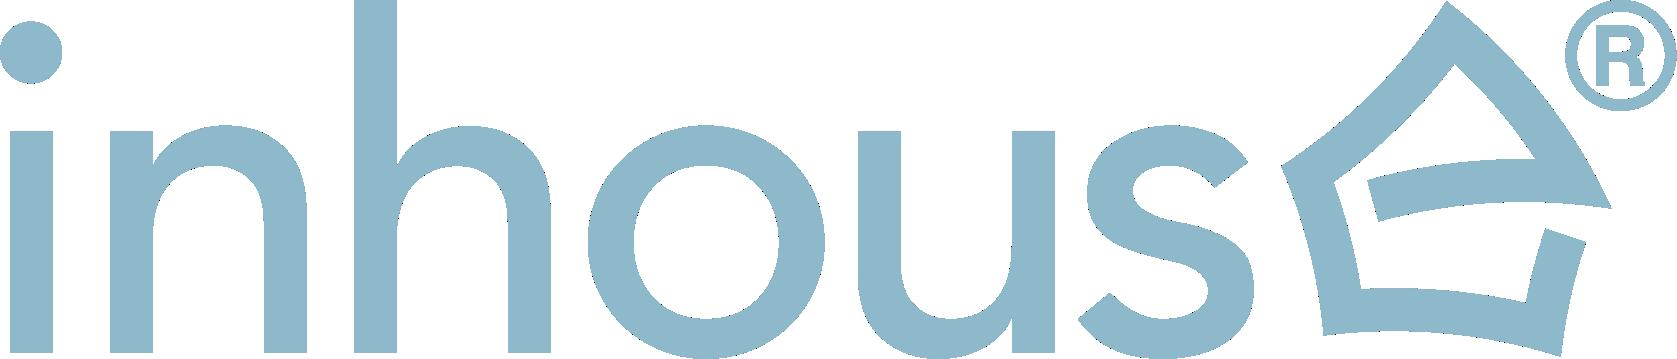 inhouse logo lt blue screen 2